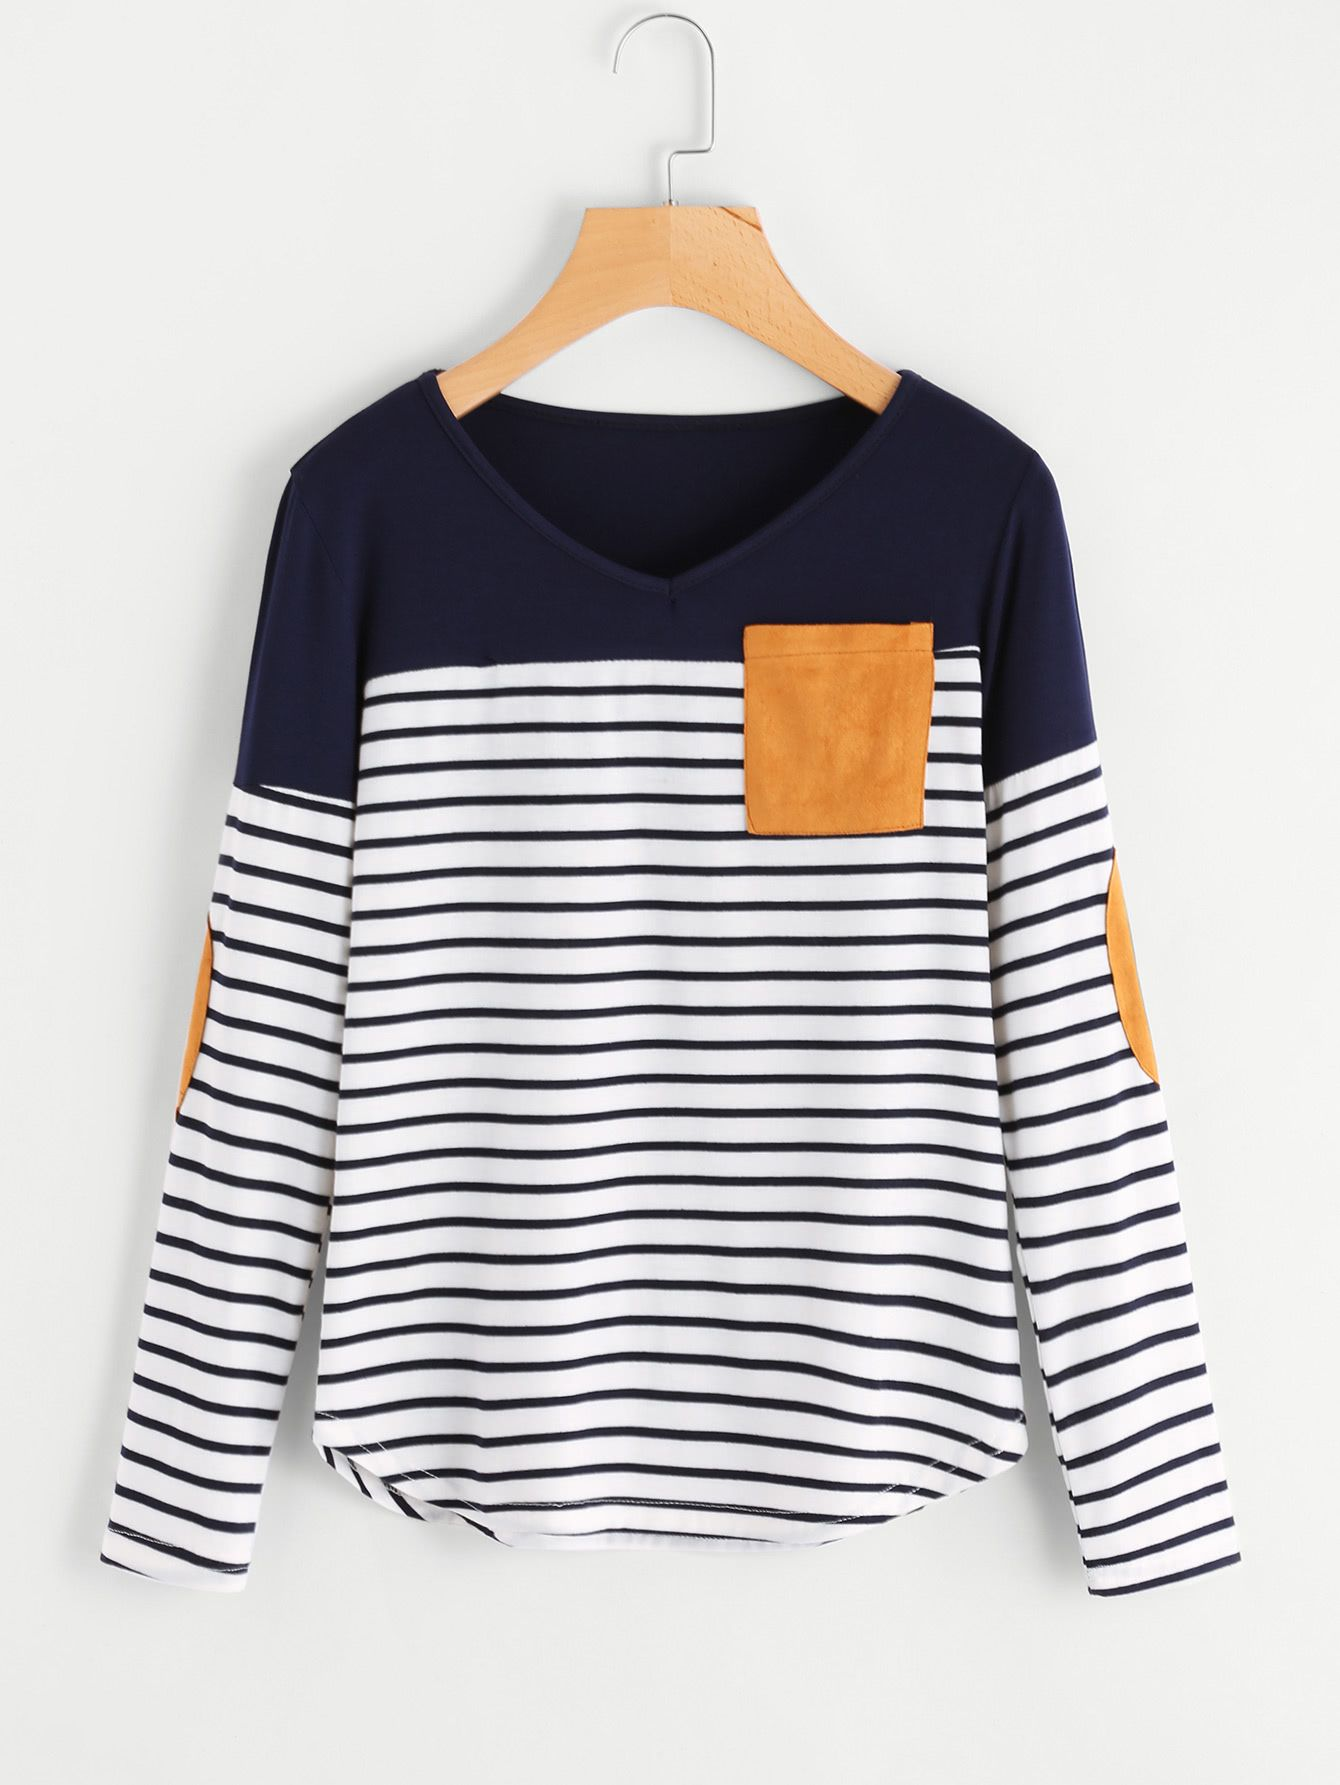 2d6ef3c1da Striped Elbow Patch Curved Hem T-shirt -SheIn(Sheinside)   Fashion ...